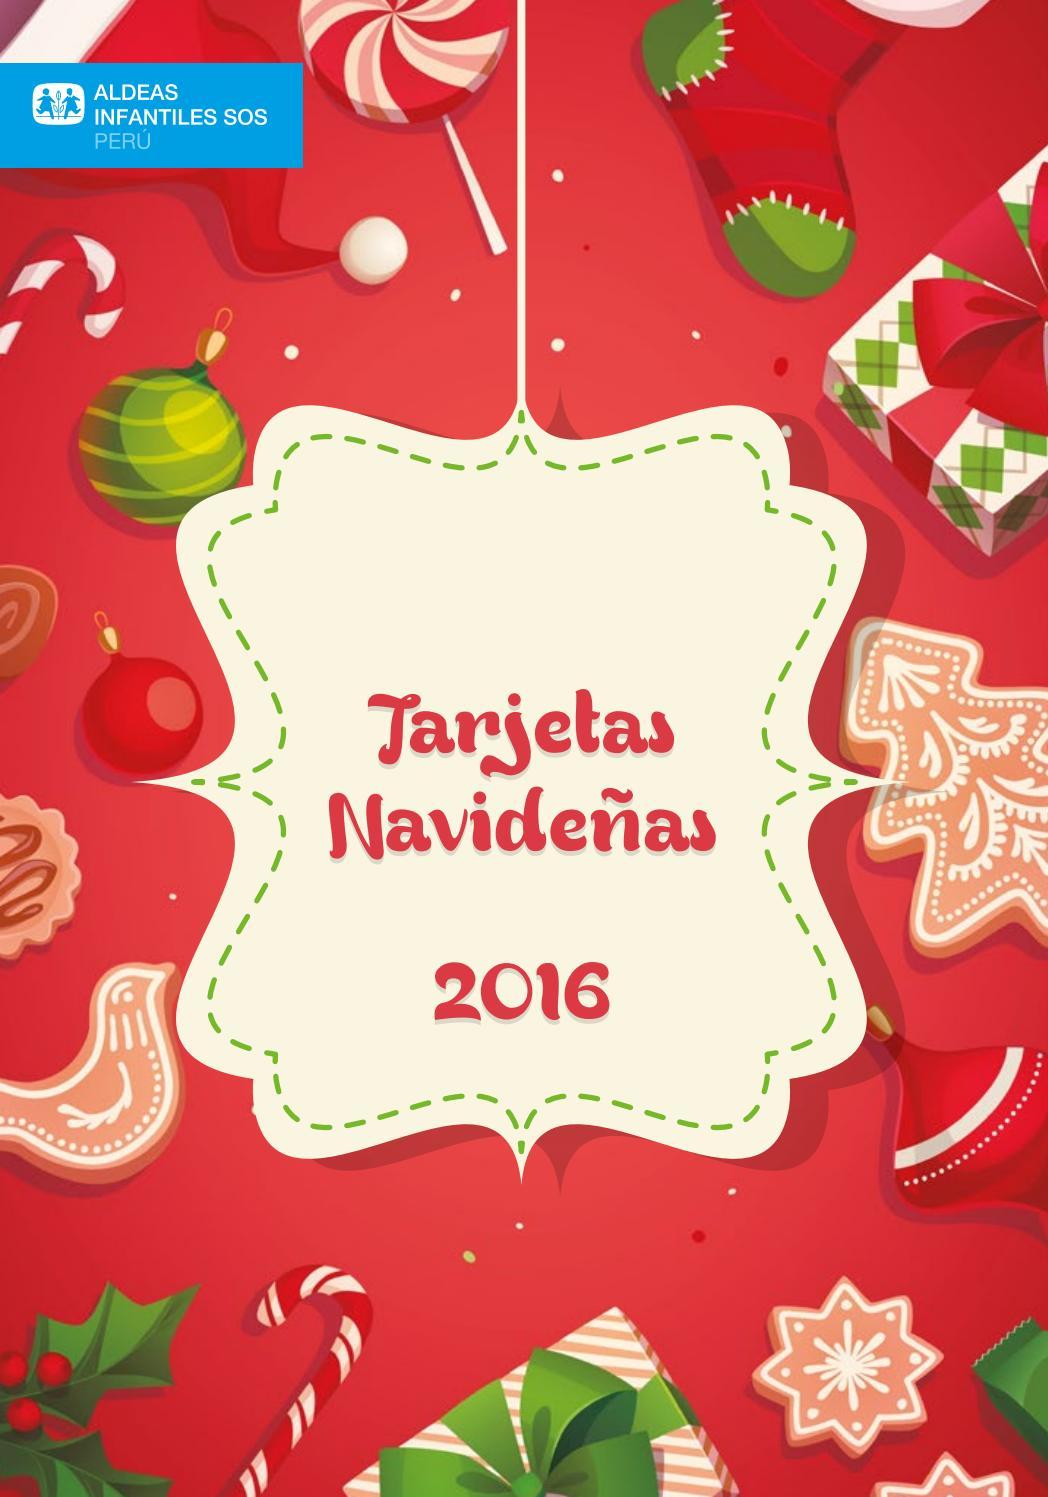 Catalogo tarjetas navide as by aldeas infantiles sos per - Postales navidenas creativas ...